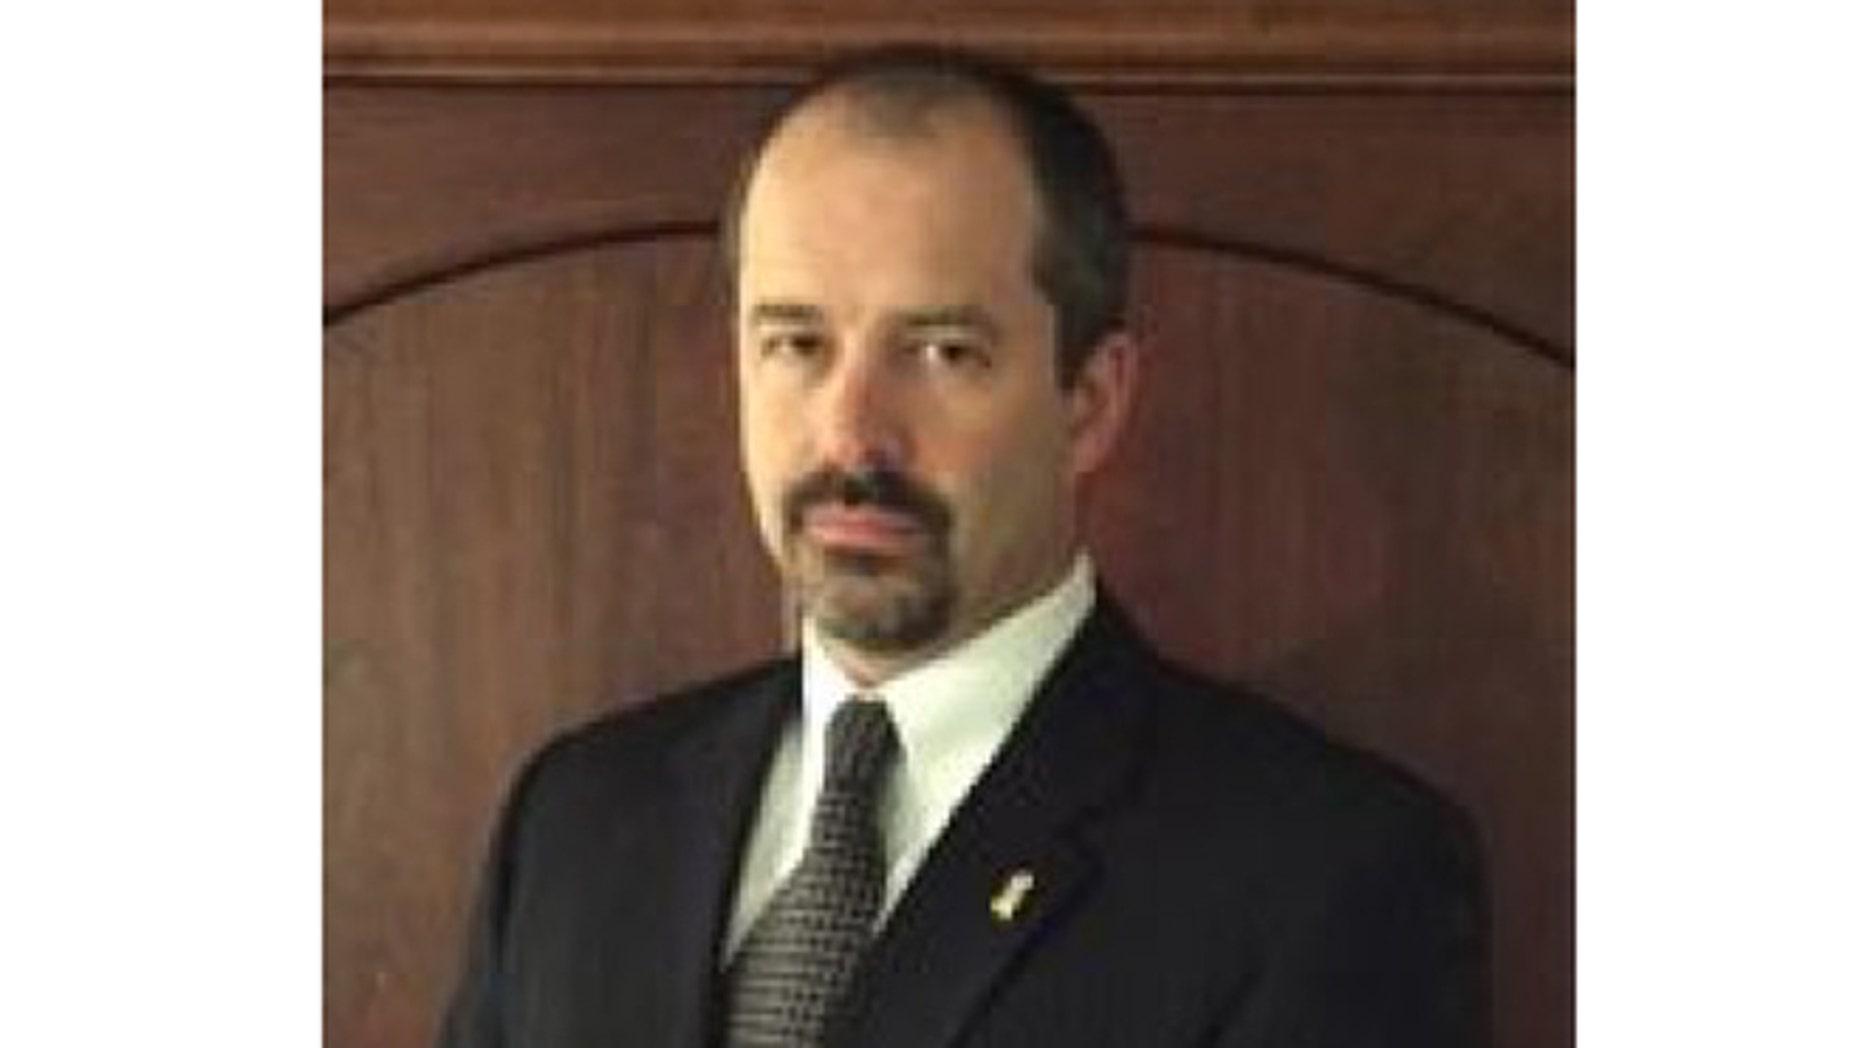 Mississippi Bureau of Narcotics Agent Lee Tartt. (Mississippi Department of Public Safety)